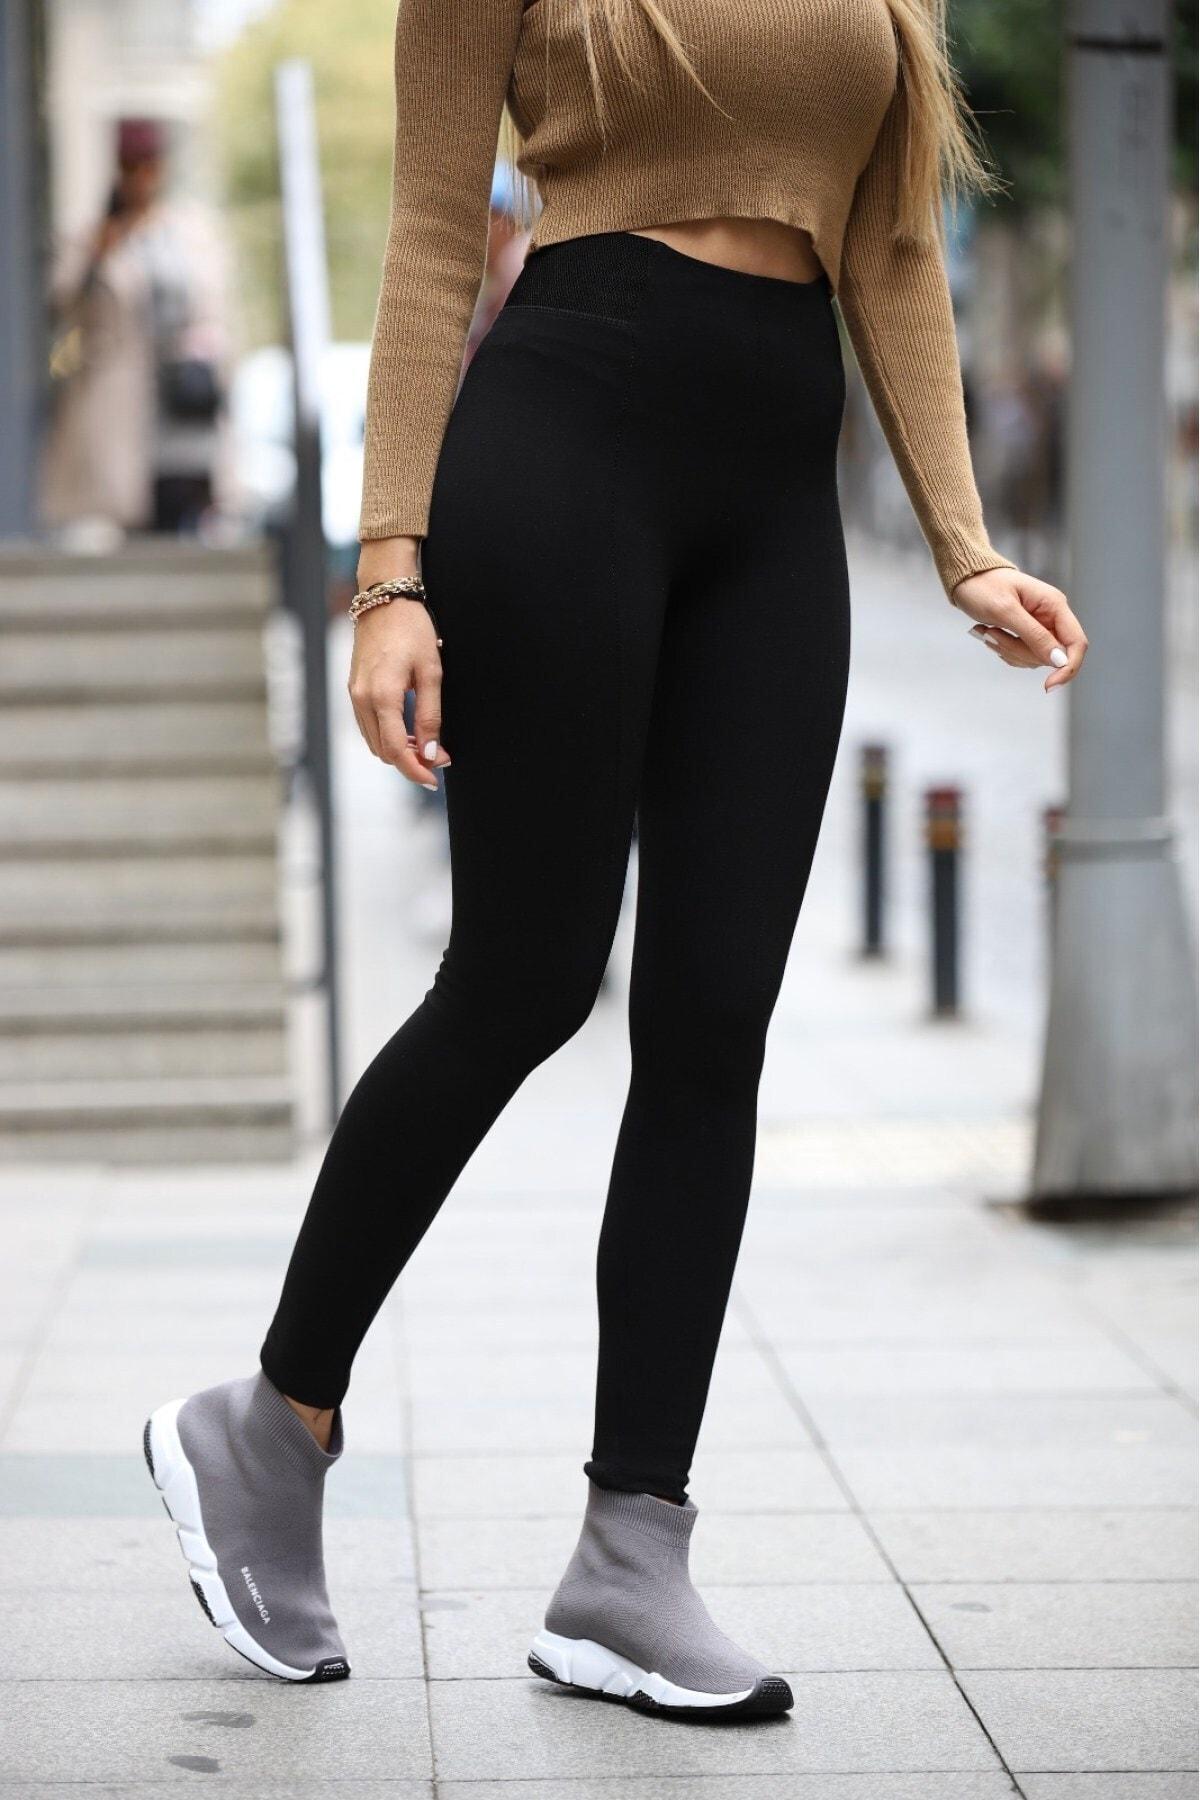 Grenj Fashion Siyah Kemerinde Geniş Lastik Detaylı Toparlayıcı Yüksek Bel Tayt 2